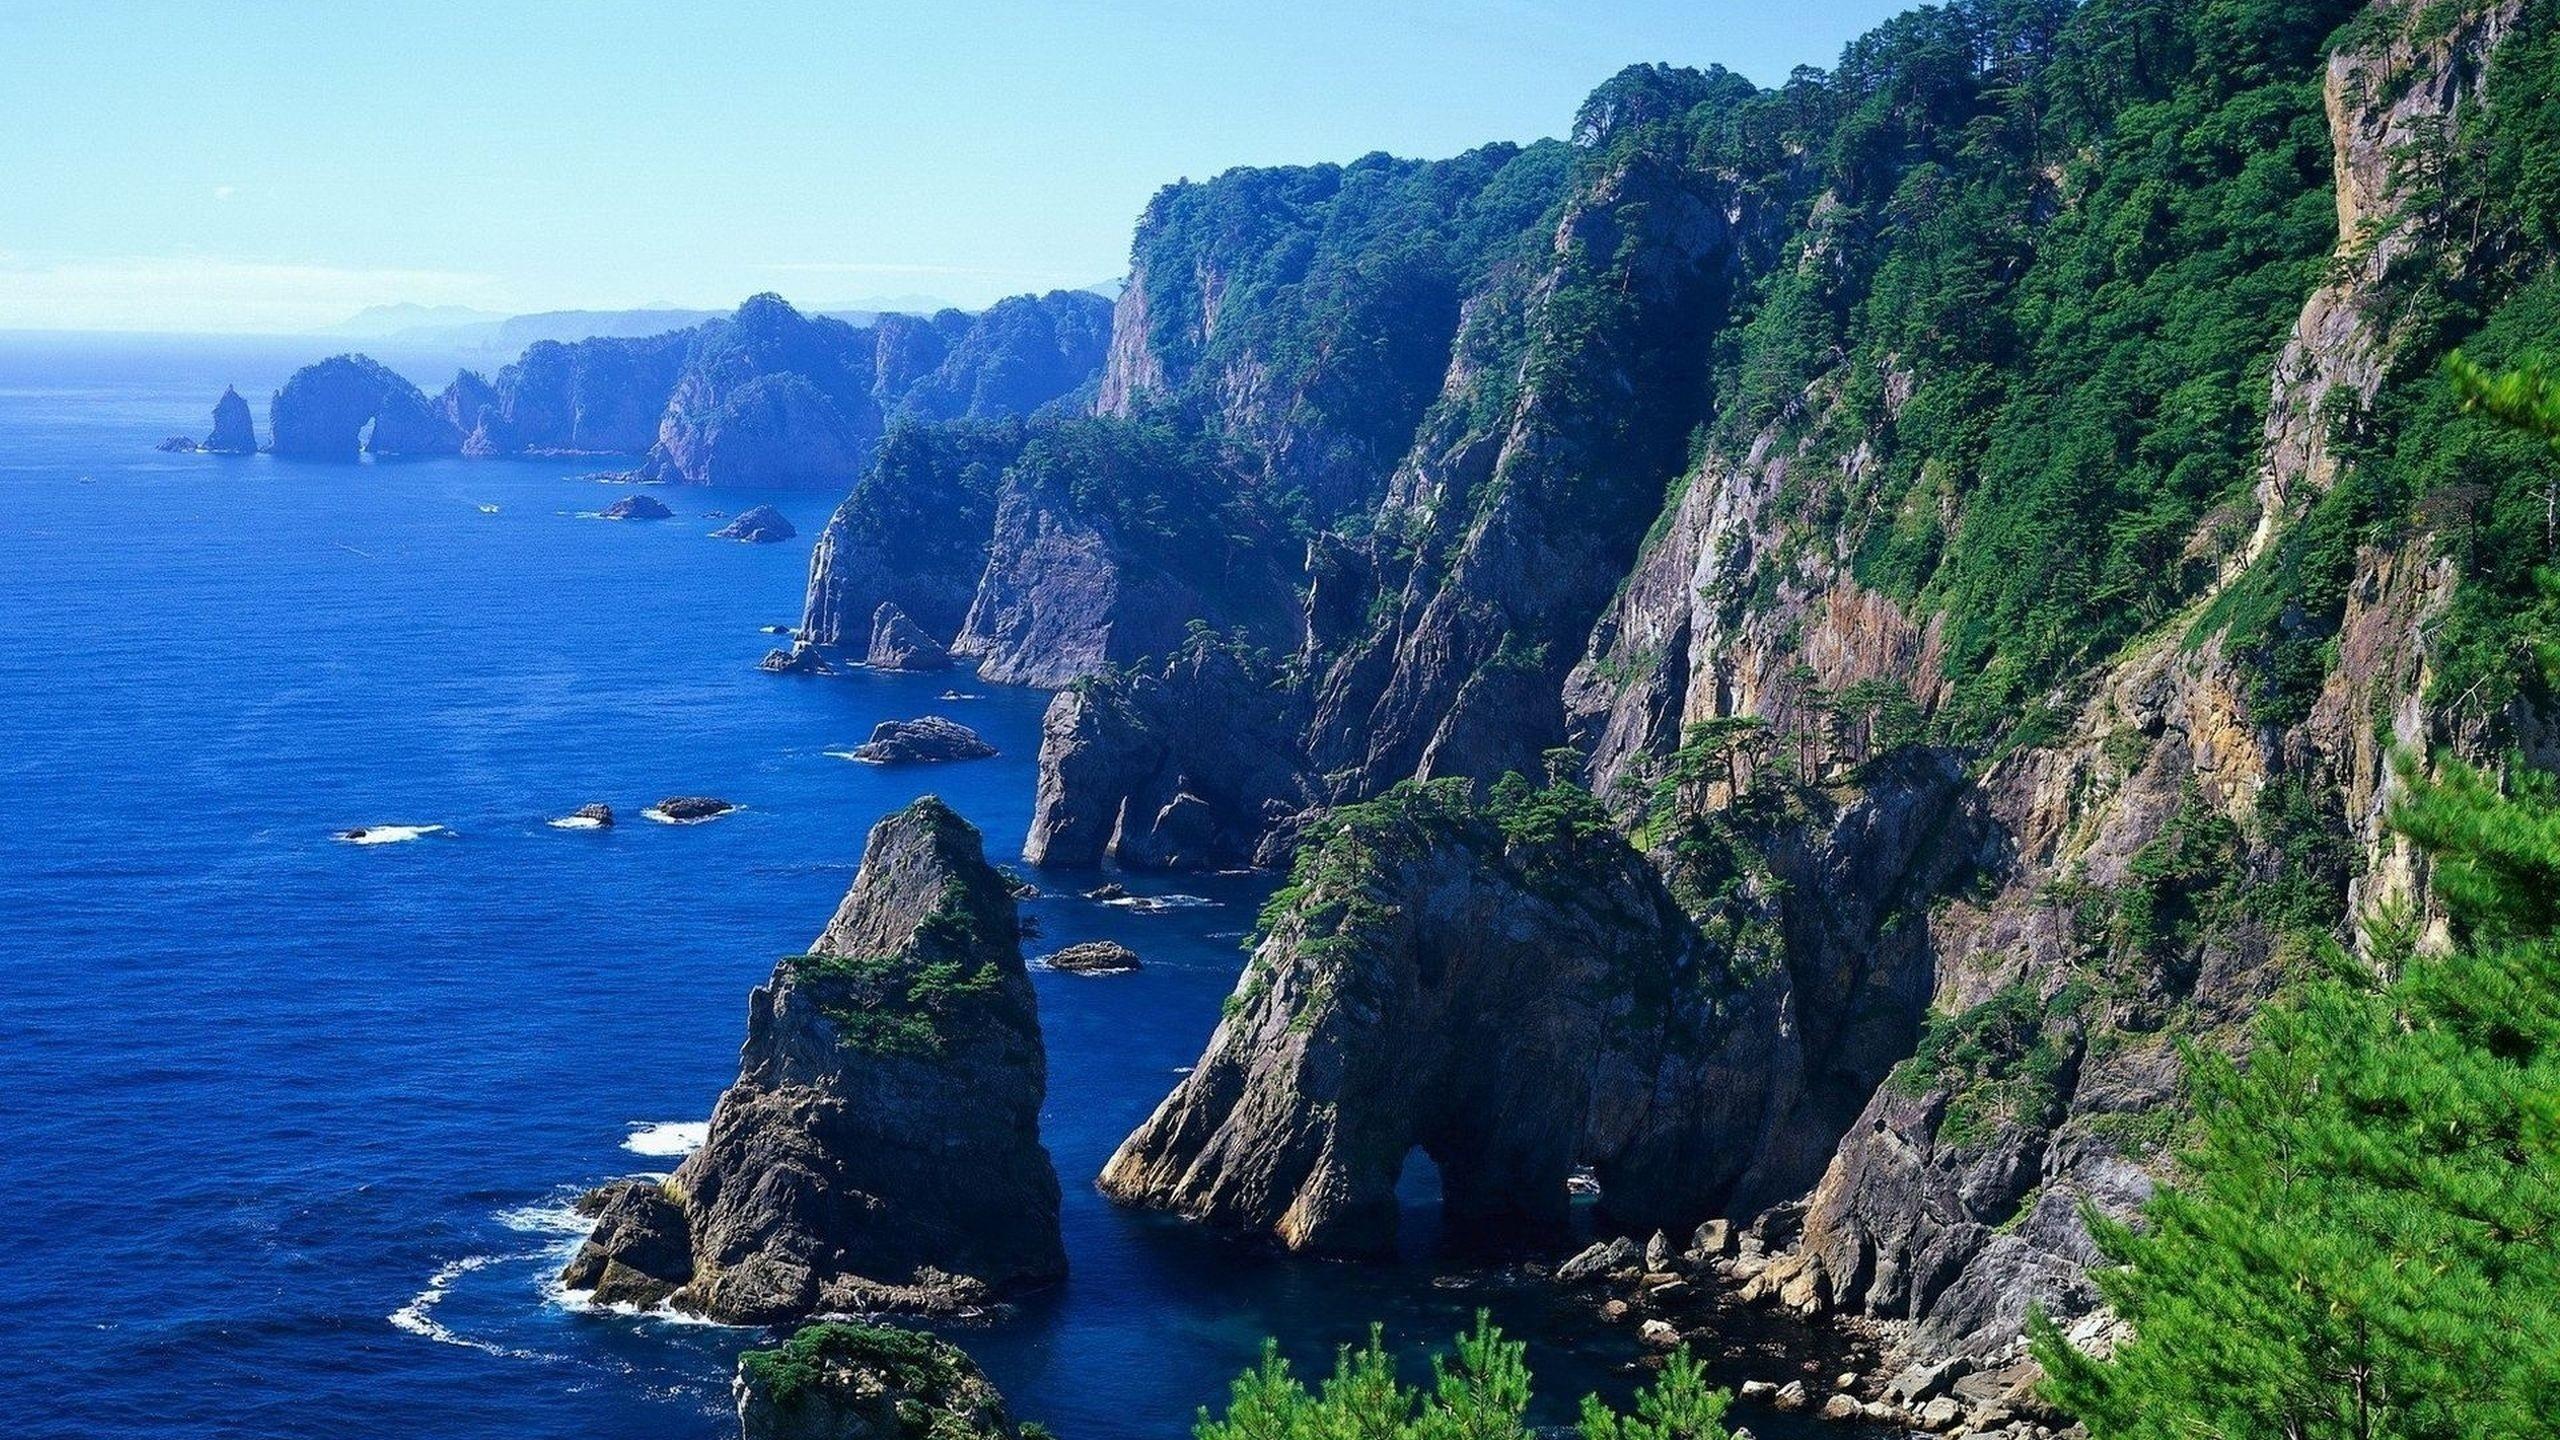 картинка горы лес океан